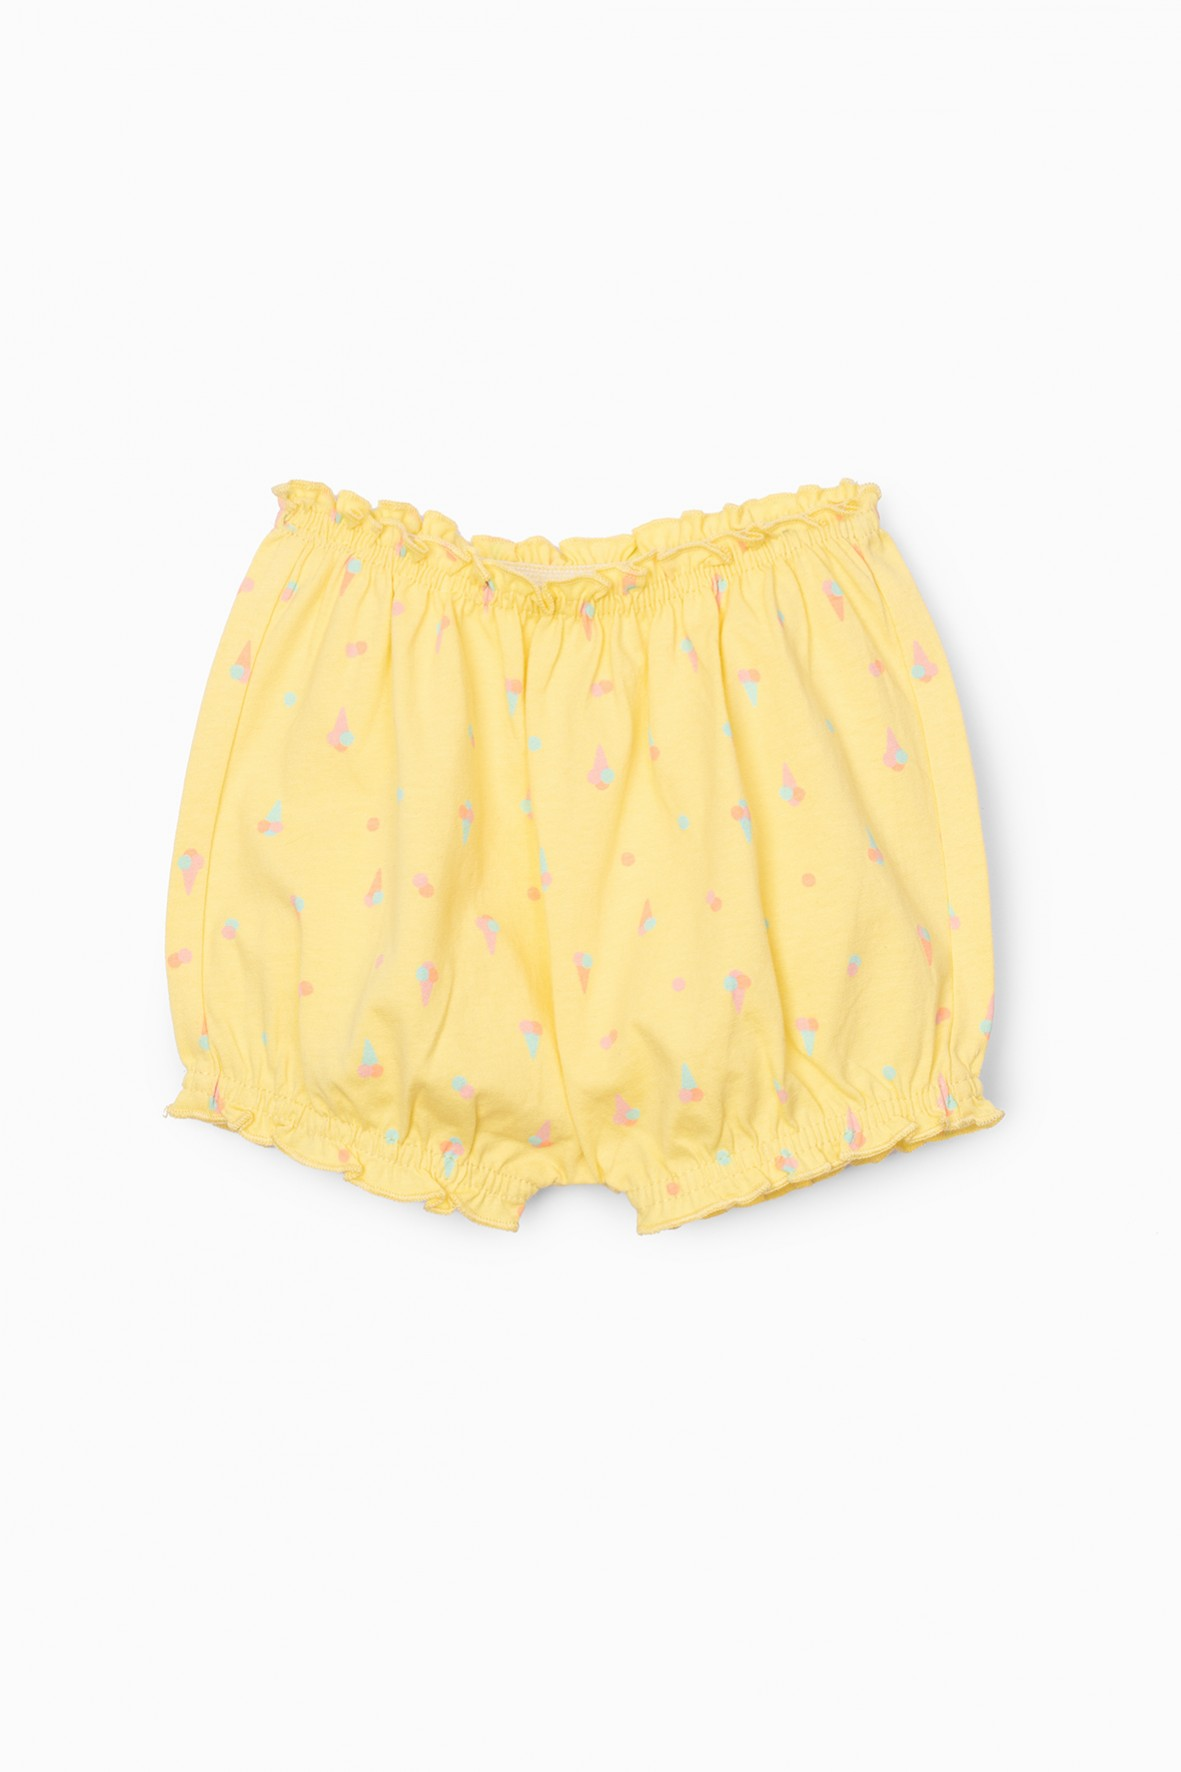 Szorty dziewczęce żółte w kolorowe wzorki